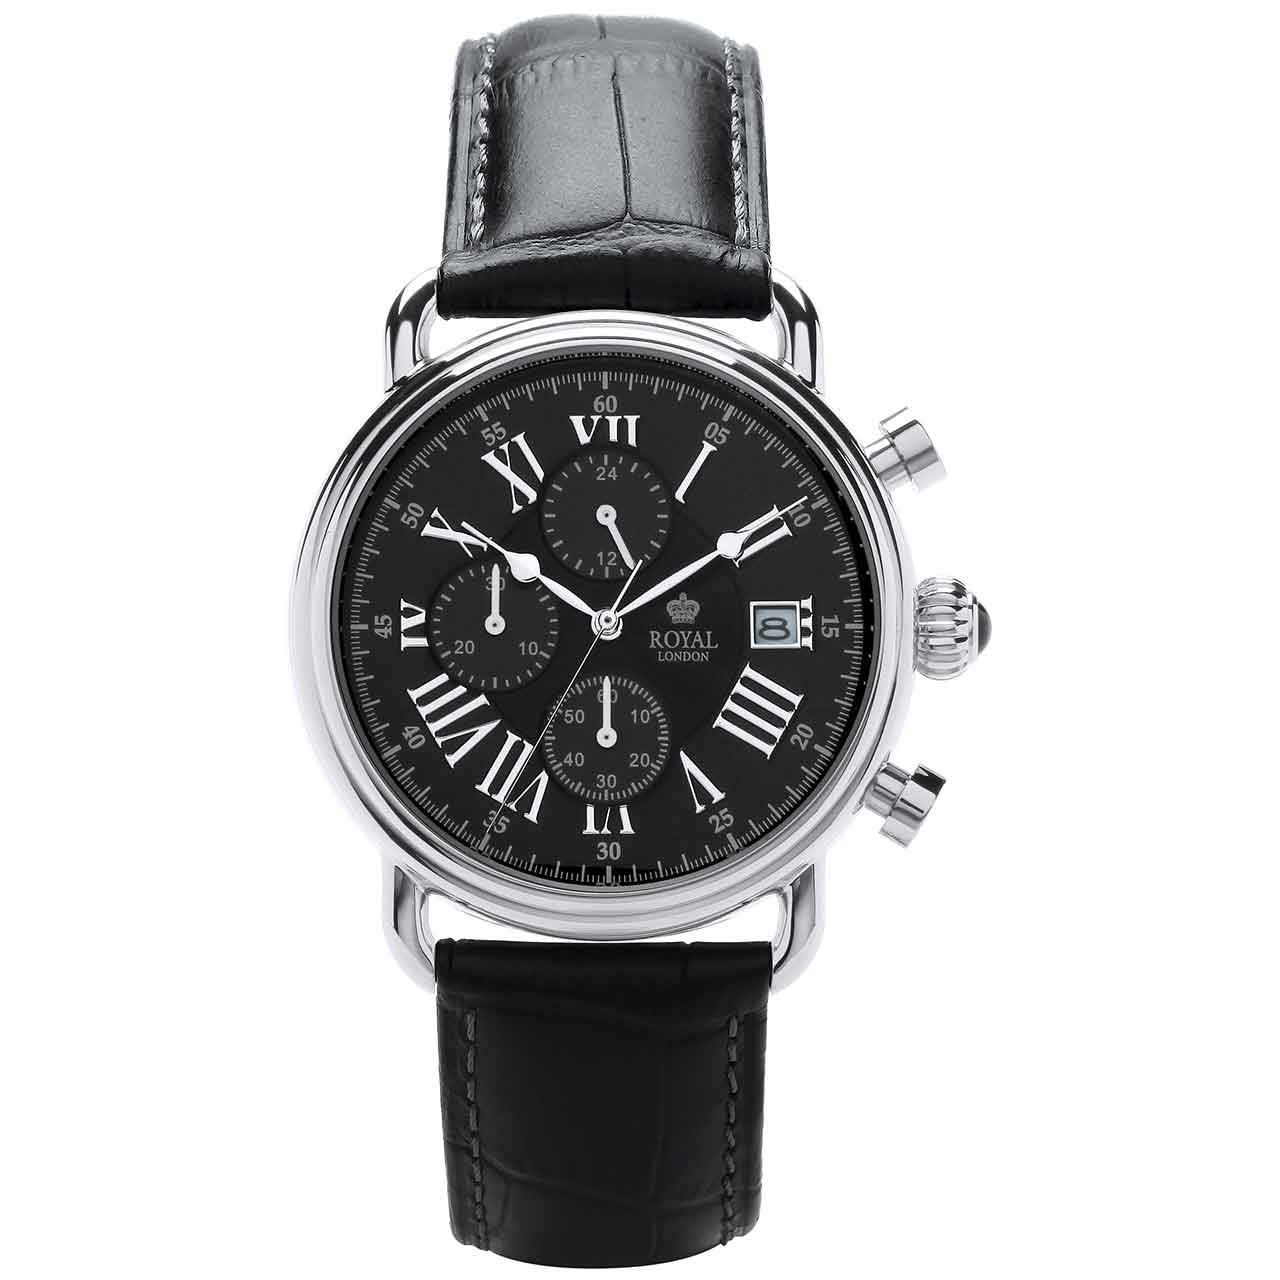 ساعت مچی عقربه ای مردانه رویال لندن مدل RL-41249-01